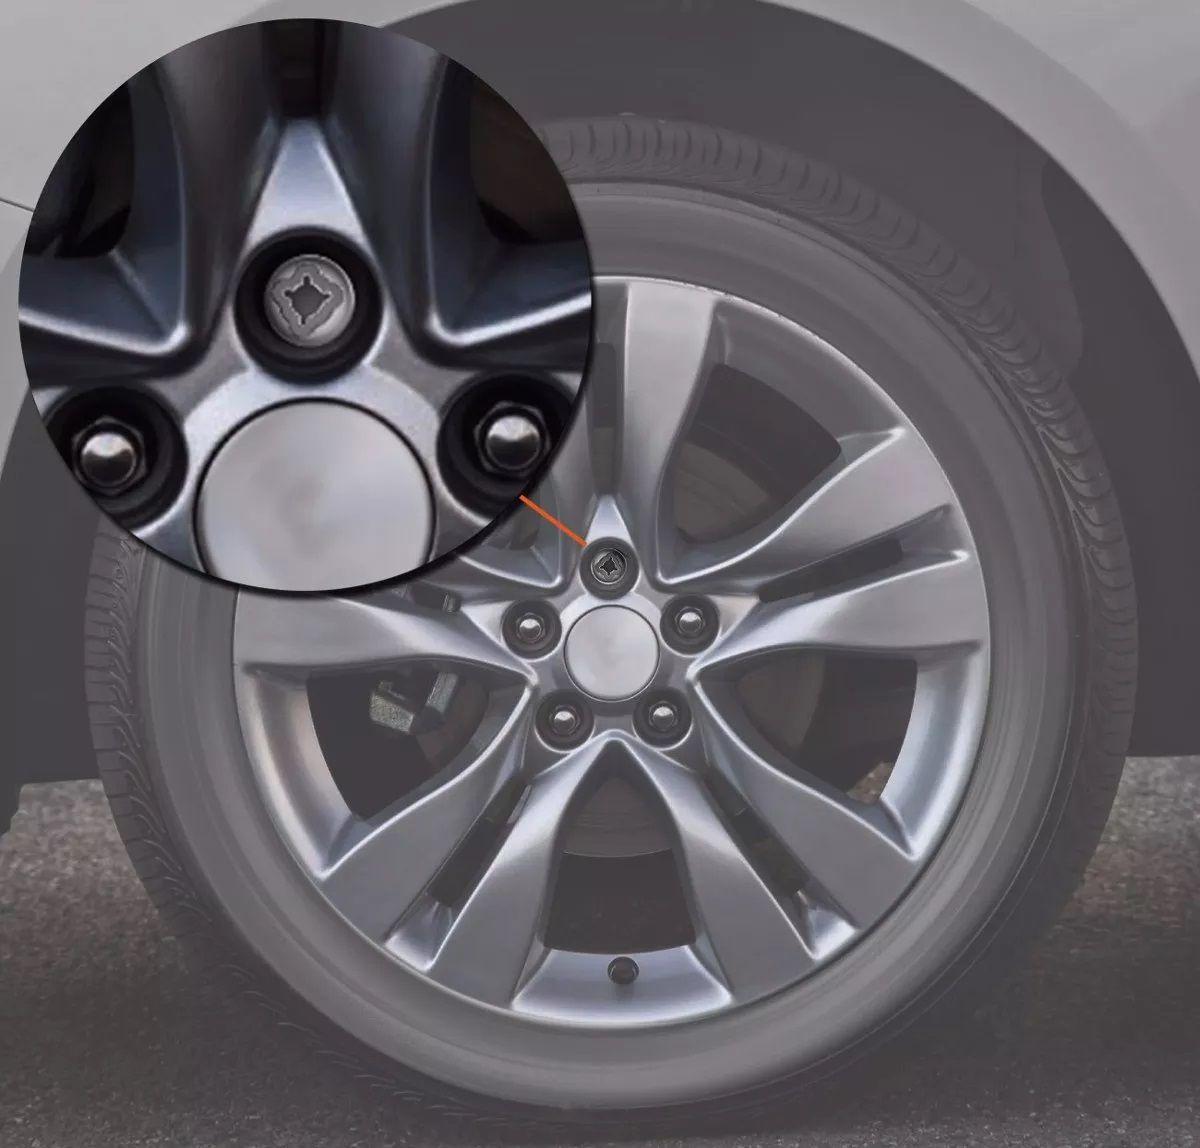 Kit 4 Parafusos De Roda Antifurto Vw Renault GM Suzuki Cherry Tigo